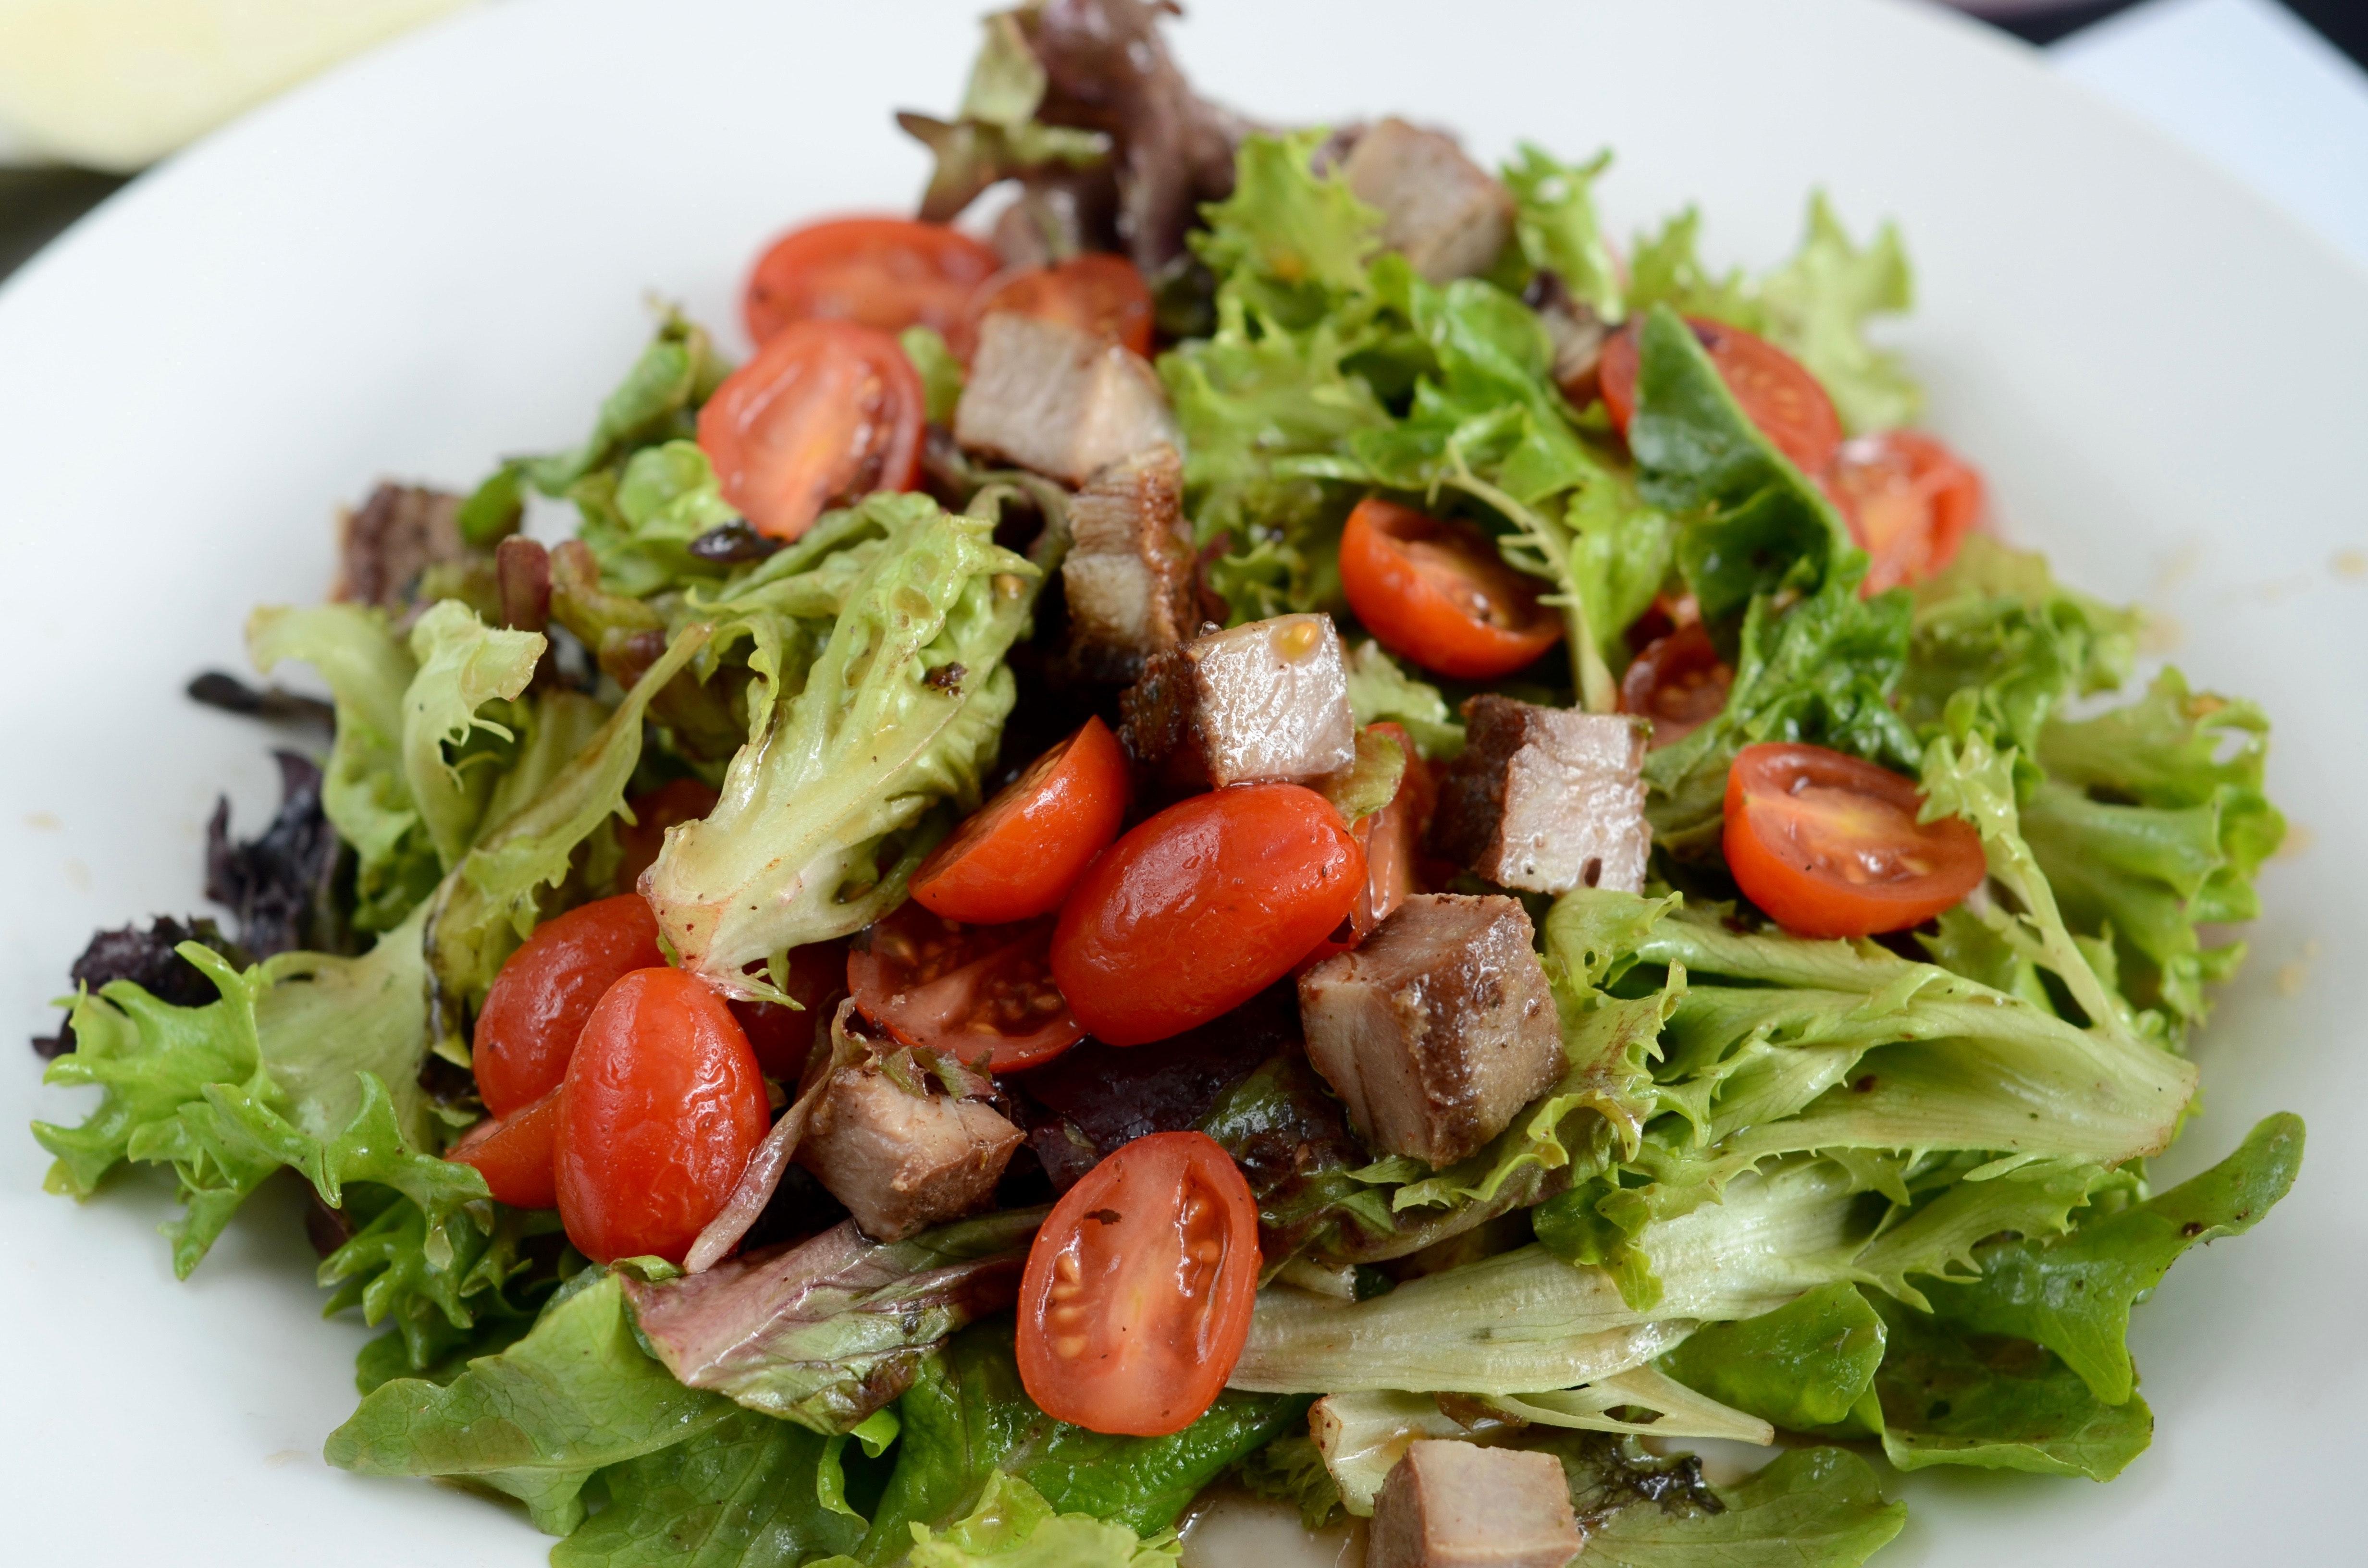 salade met tonijn uit blik